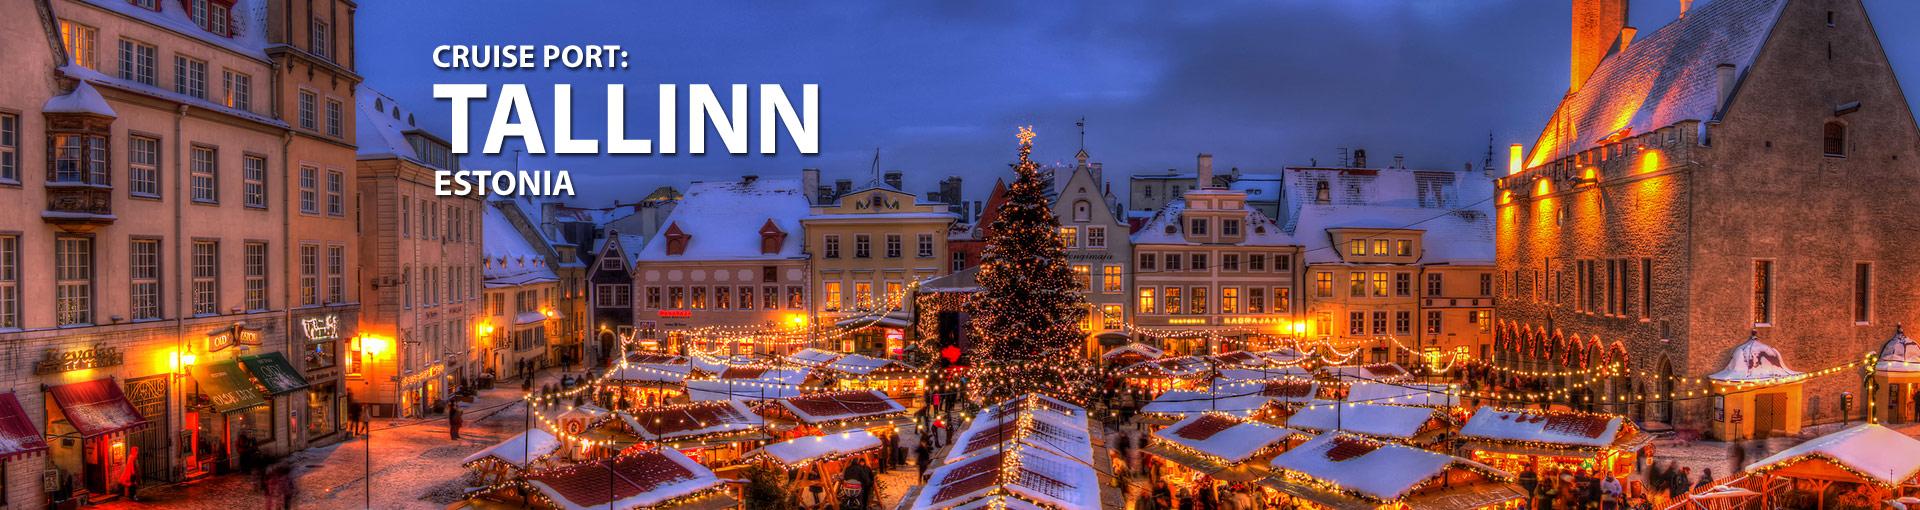 Cruises to Tallinn, Estonia